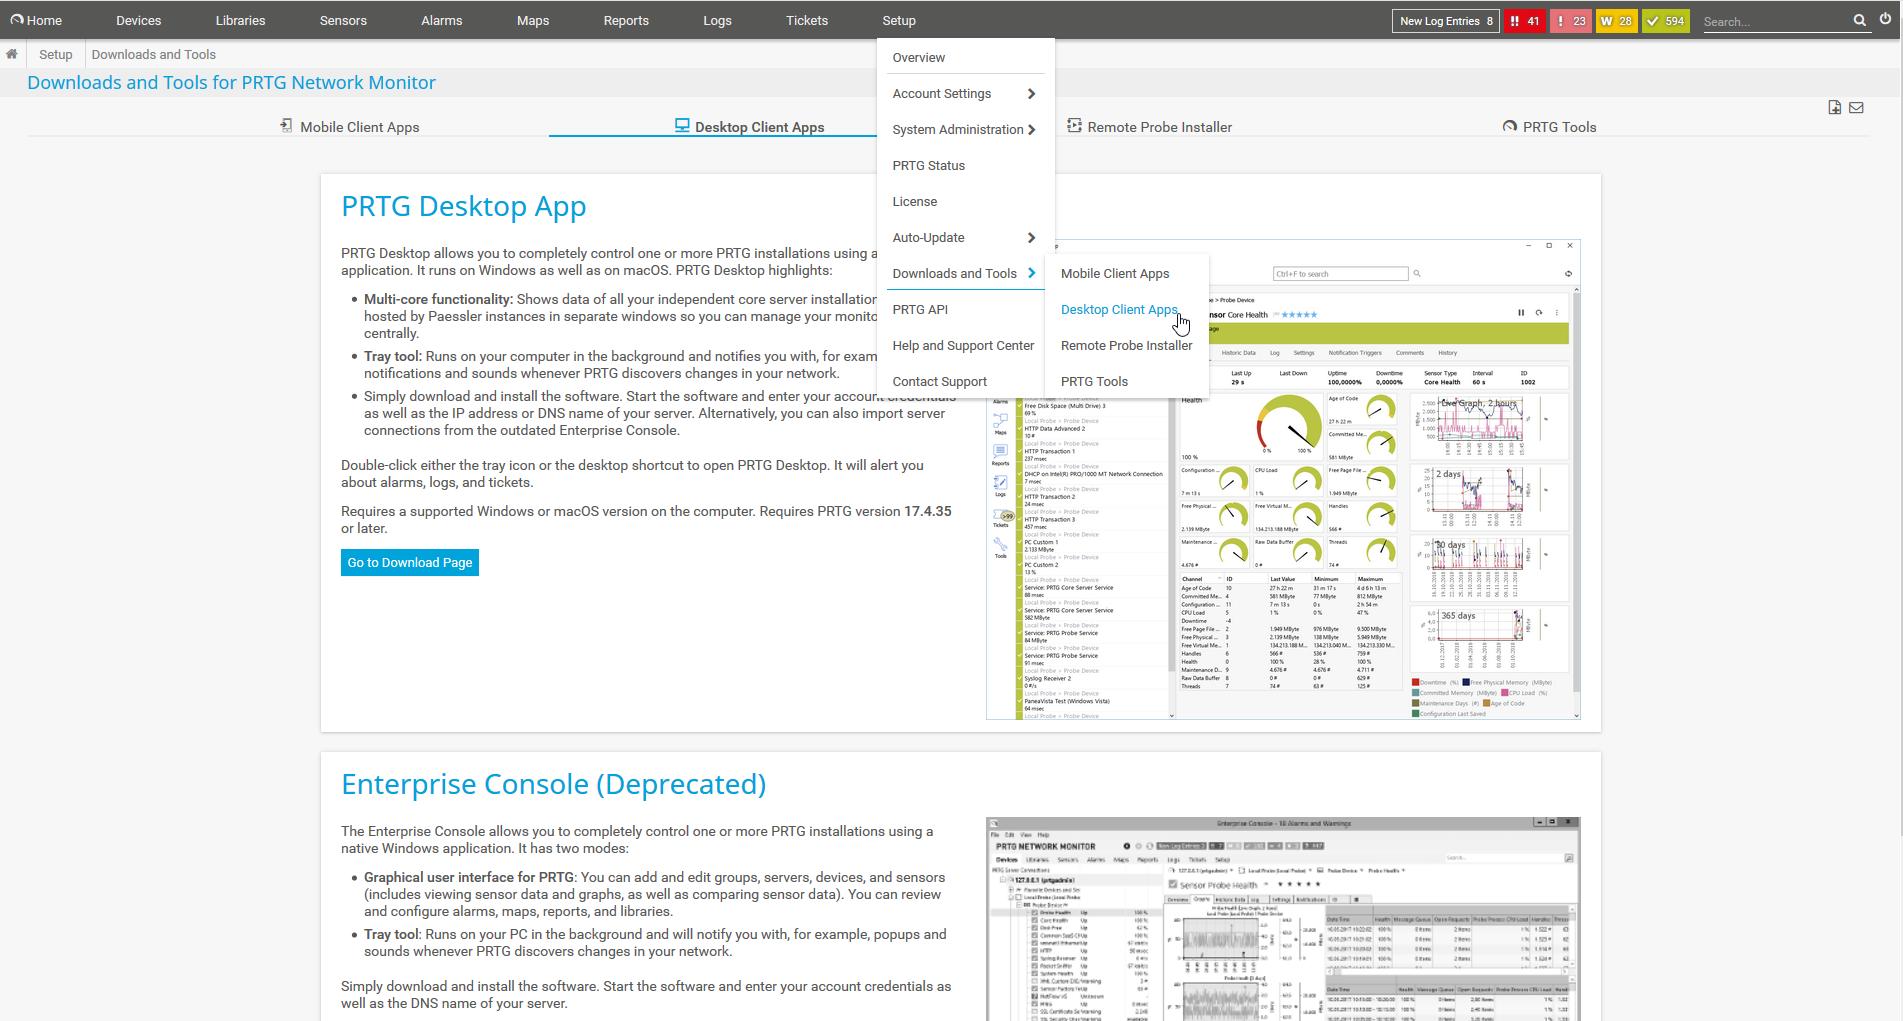 prtg-desktop-client-apps-01